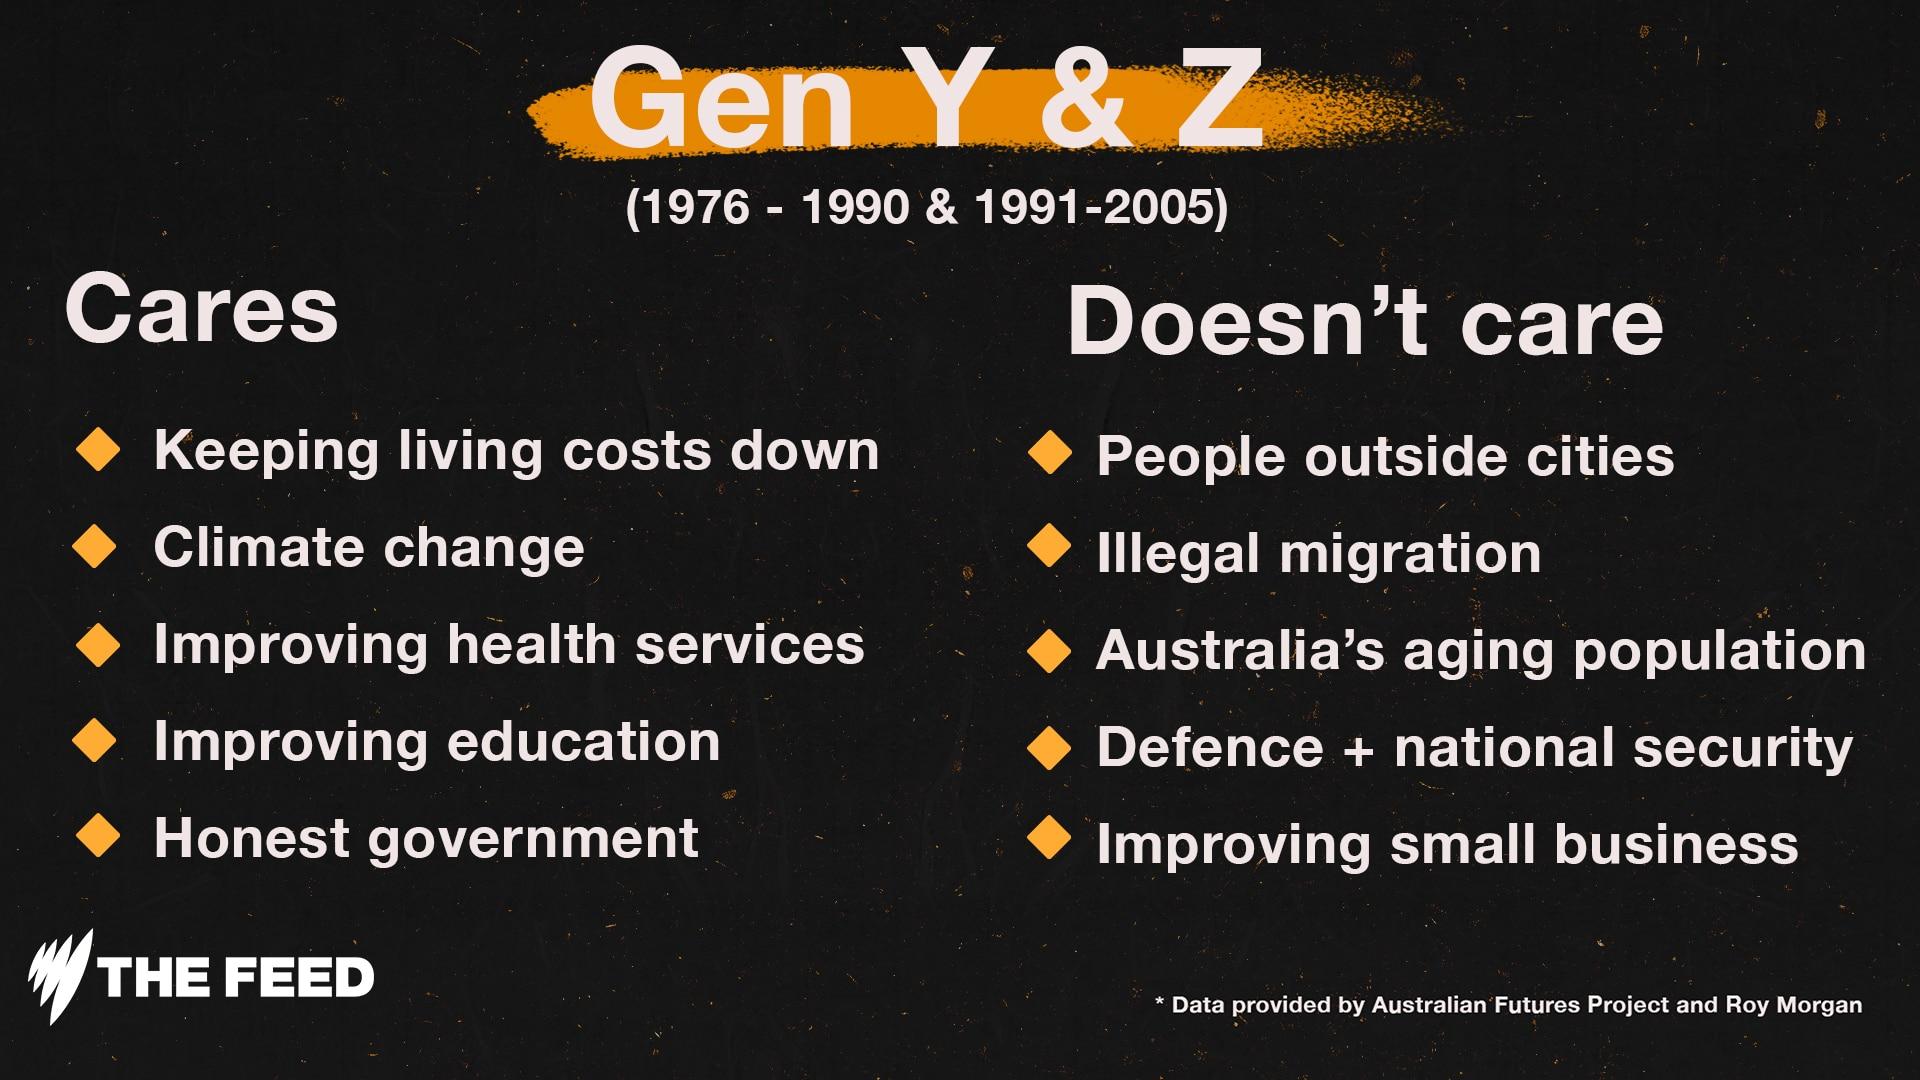 Gen Y & Z